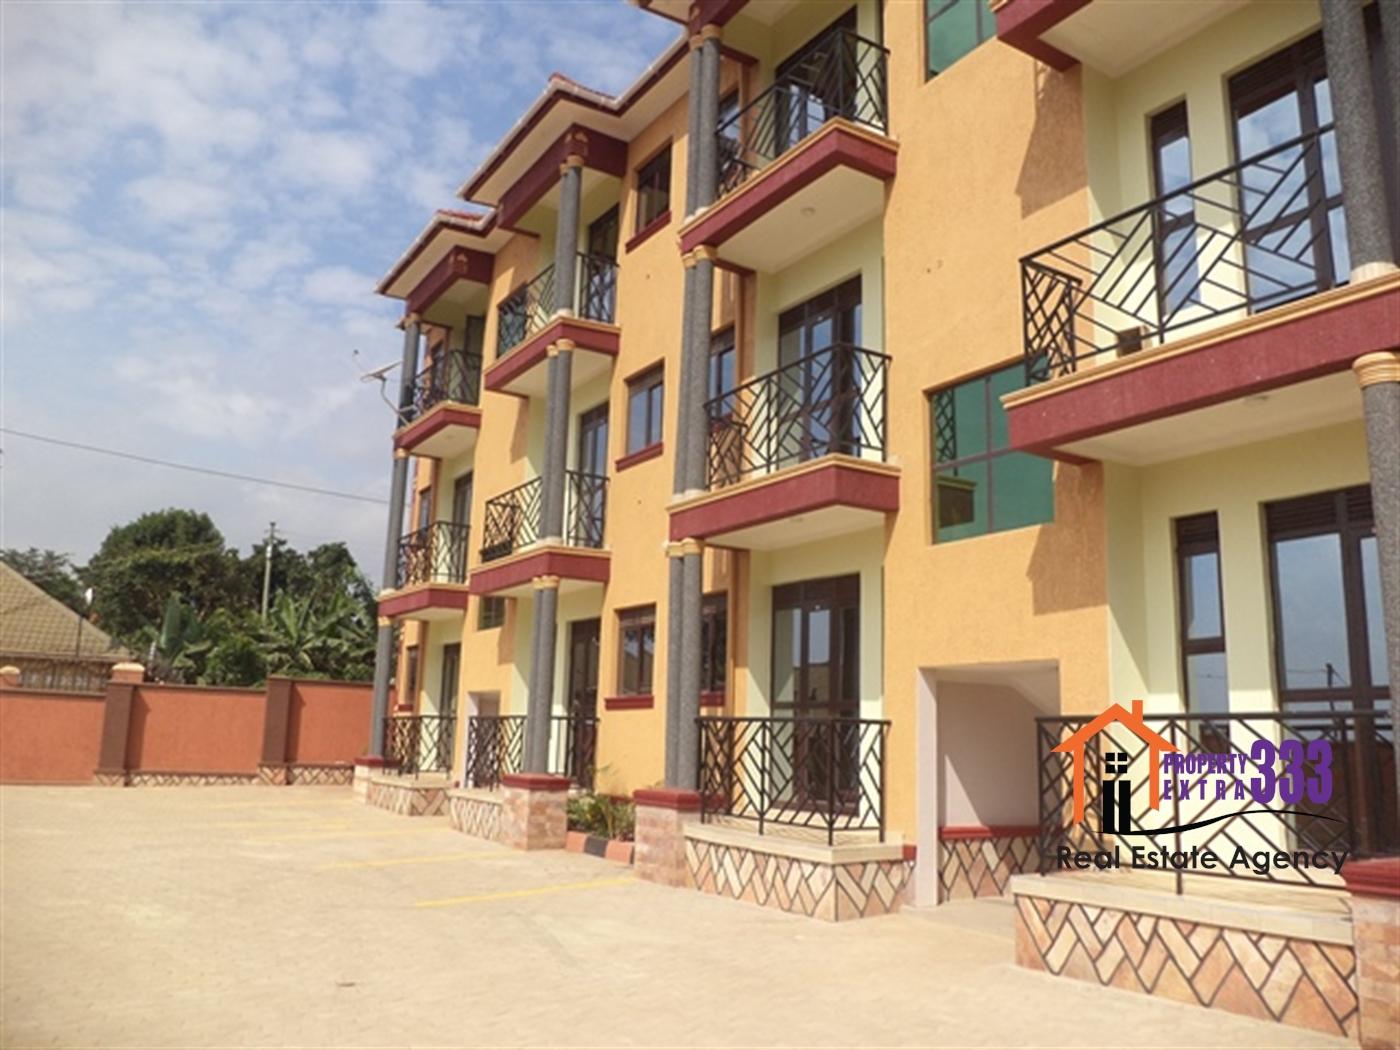 Apartment block for sale in Kyanja Kampala